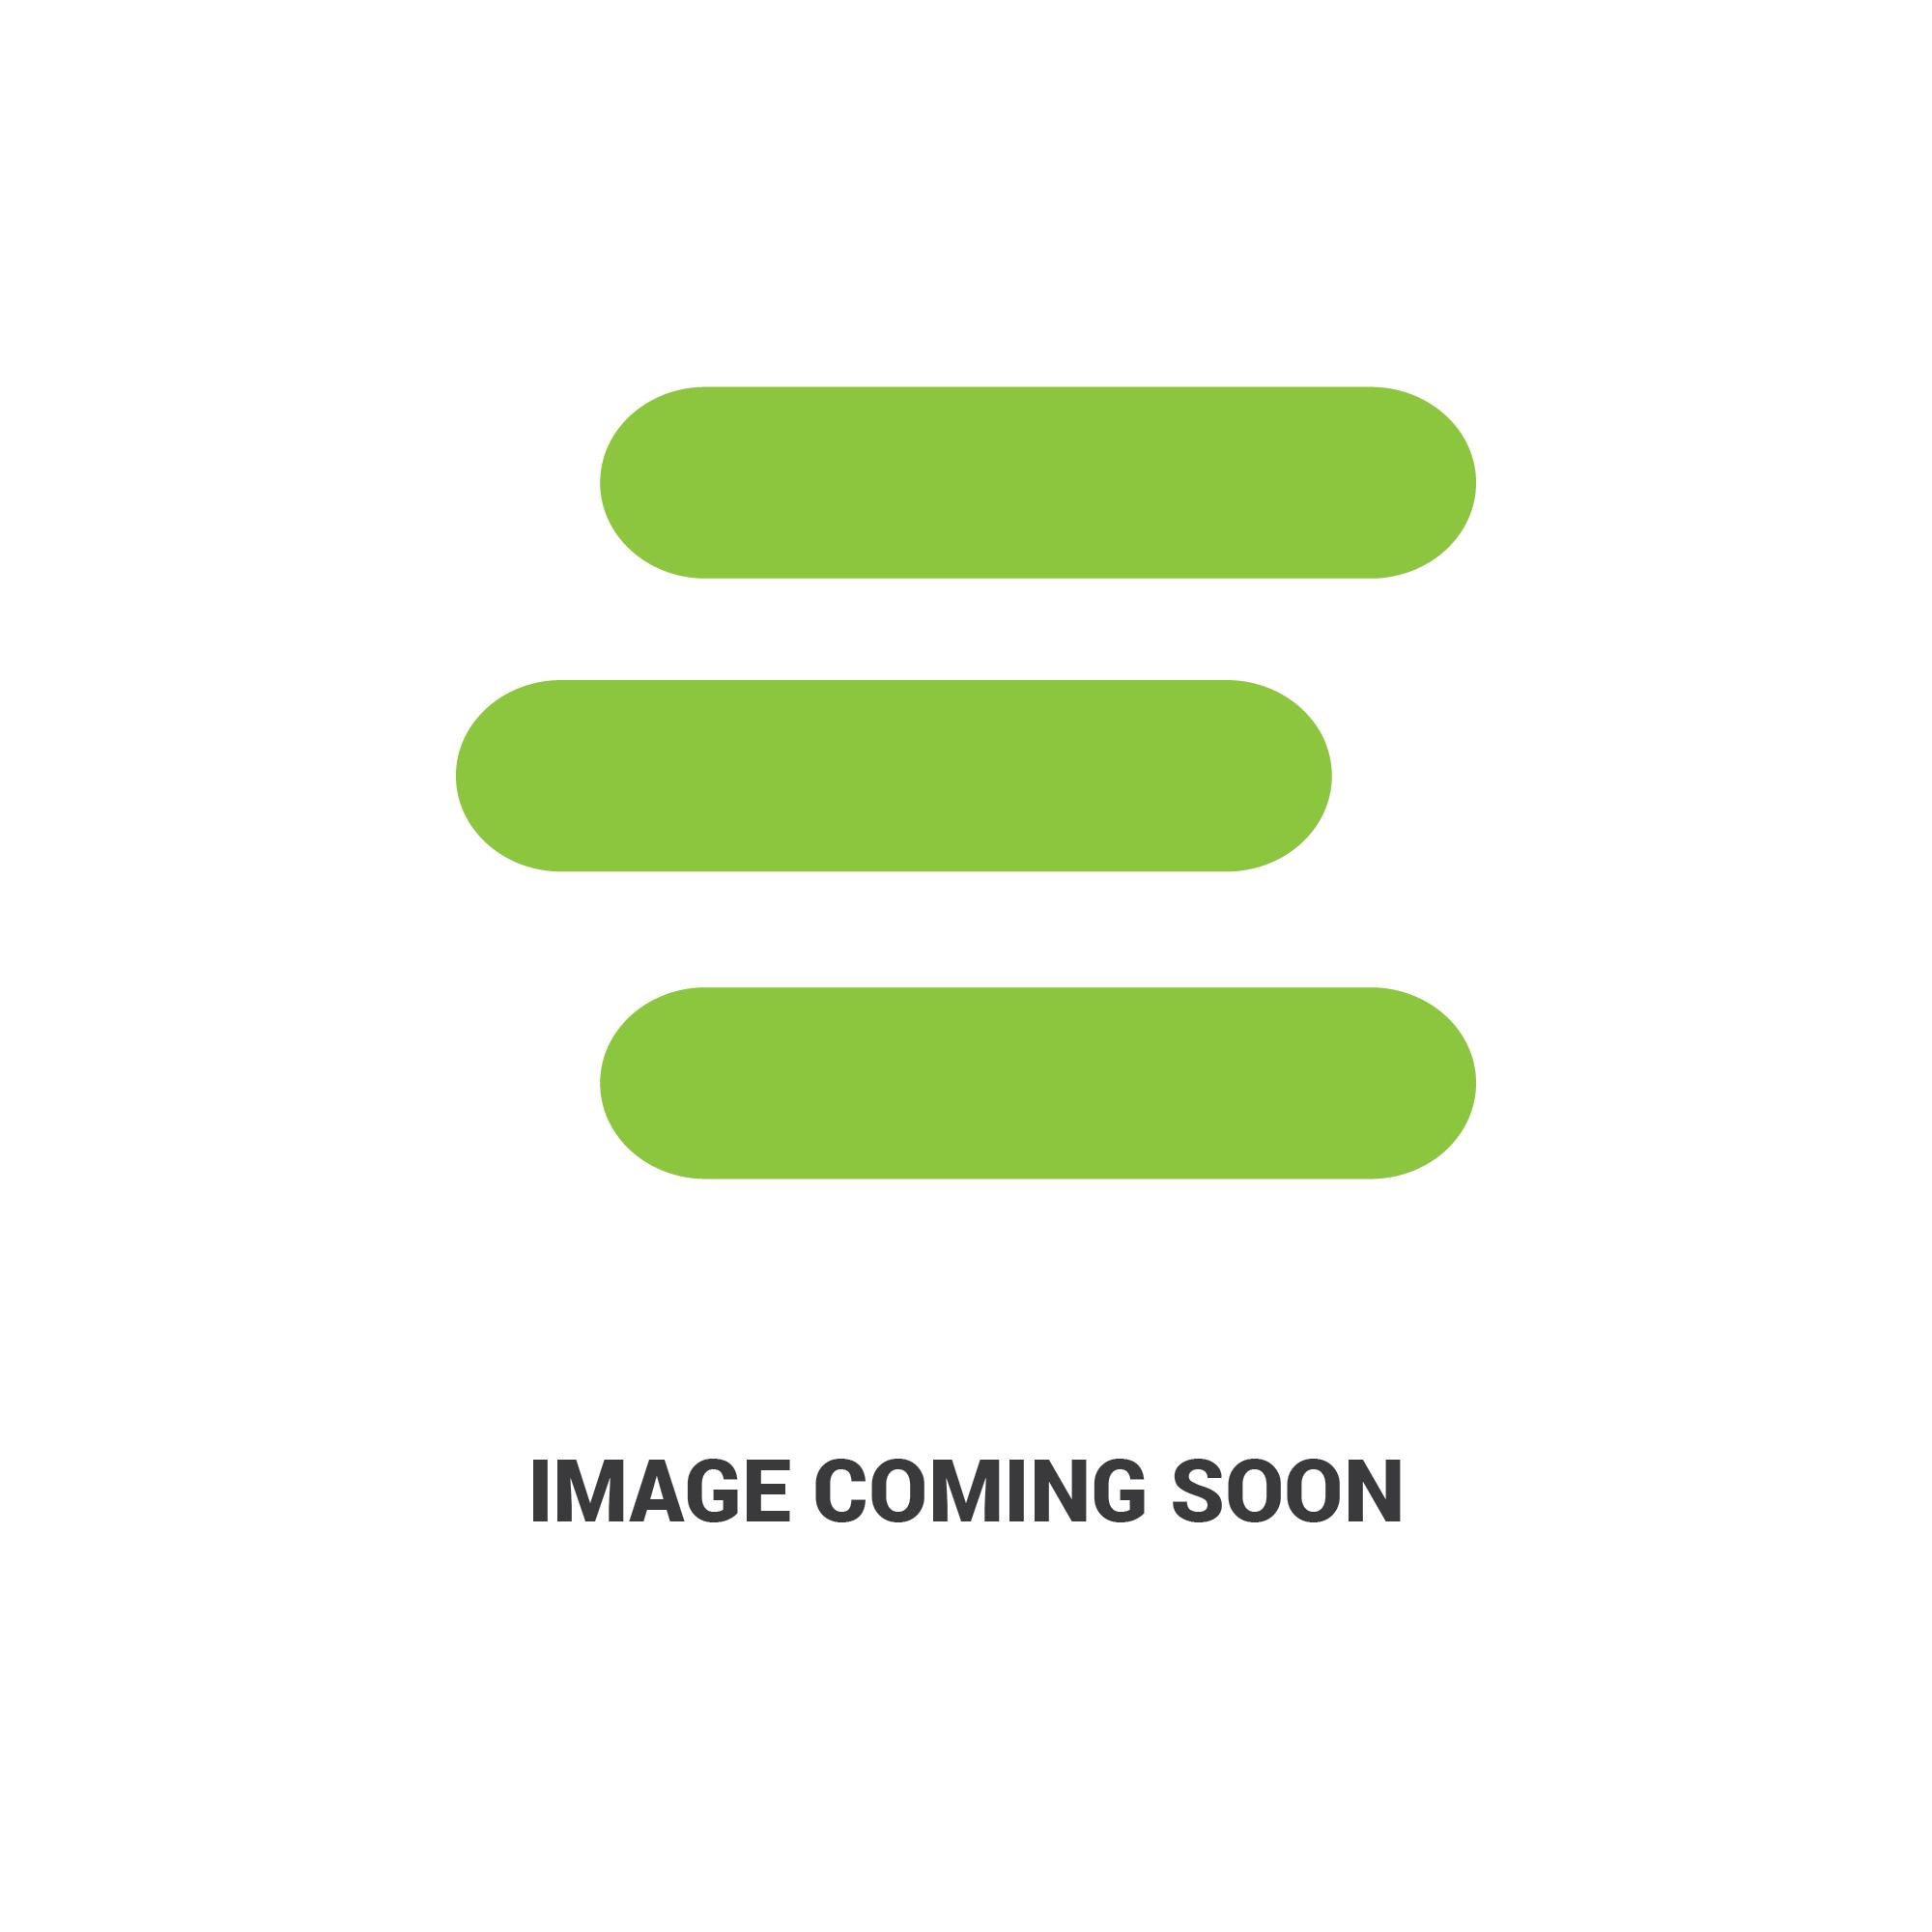 E-128180C91ag1001721.2.jpg